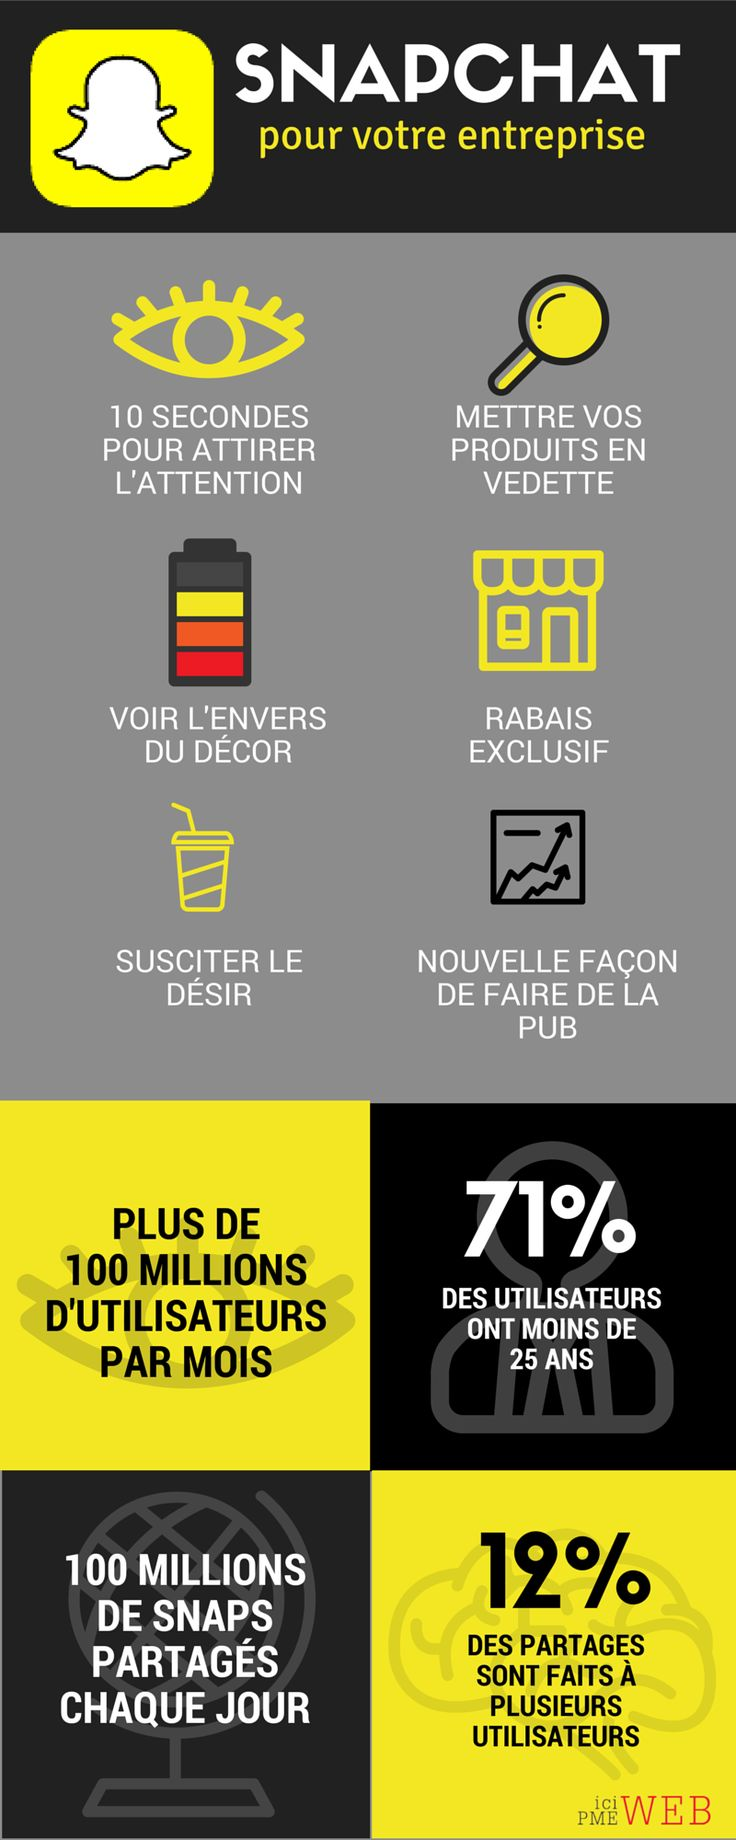 #Infographie - @Snapchat pour votre entreprise via @icipmeweb #RéseauxSociaux #MarketingWeb